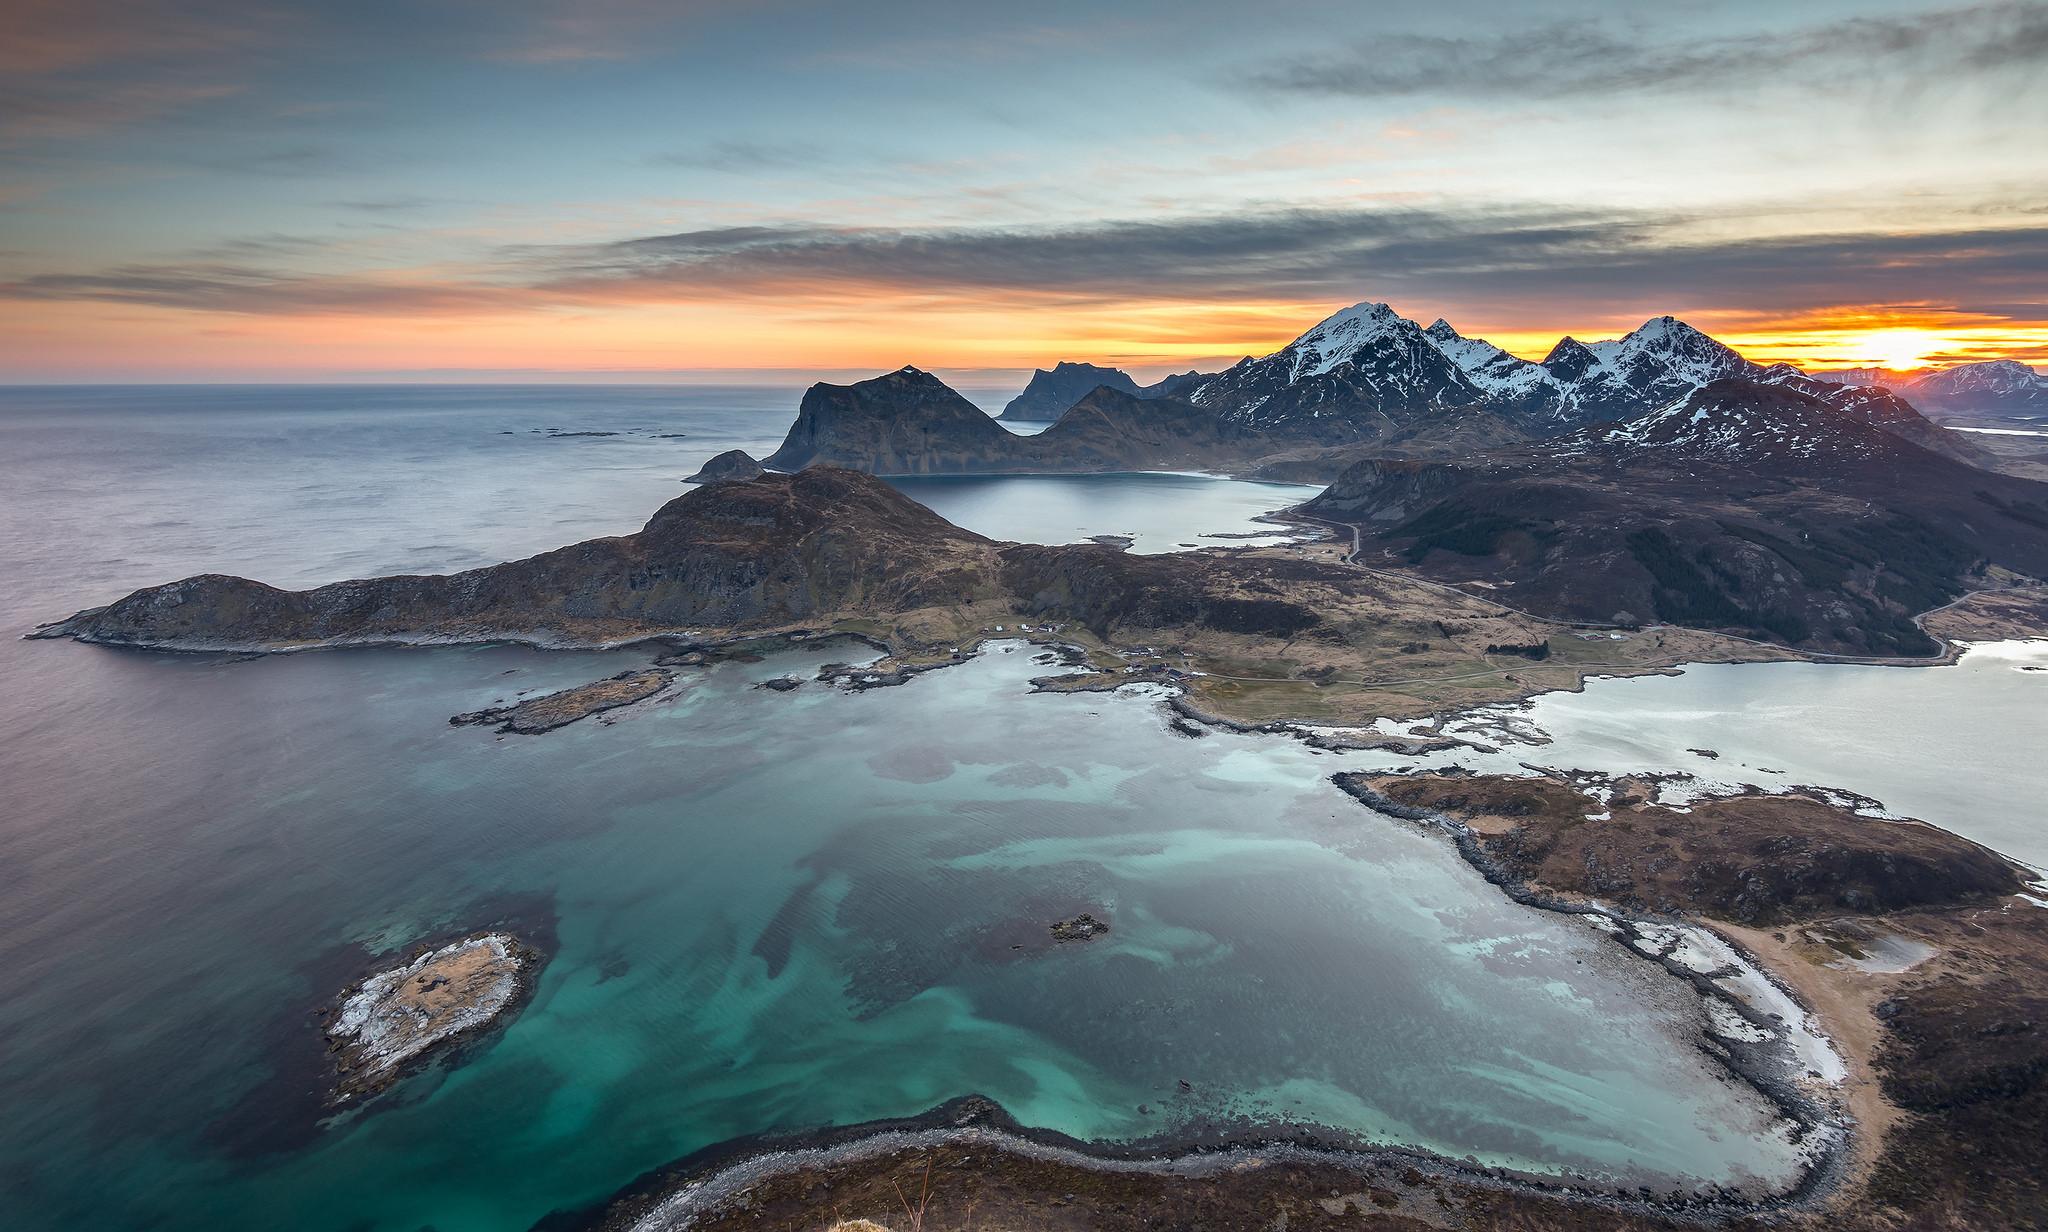 Fotografías aéreas de playas y montañas - 2048x1232